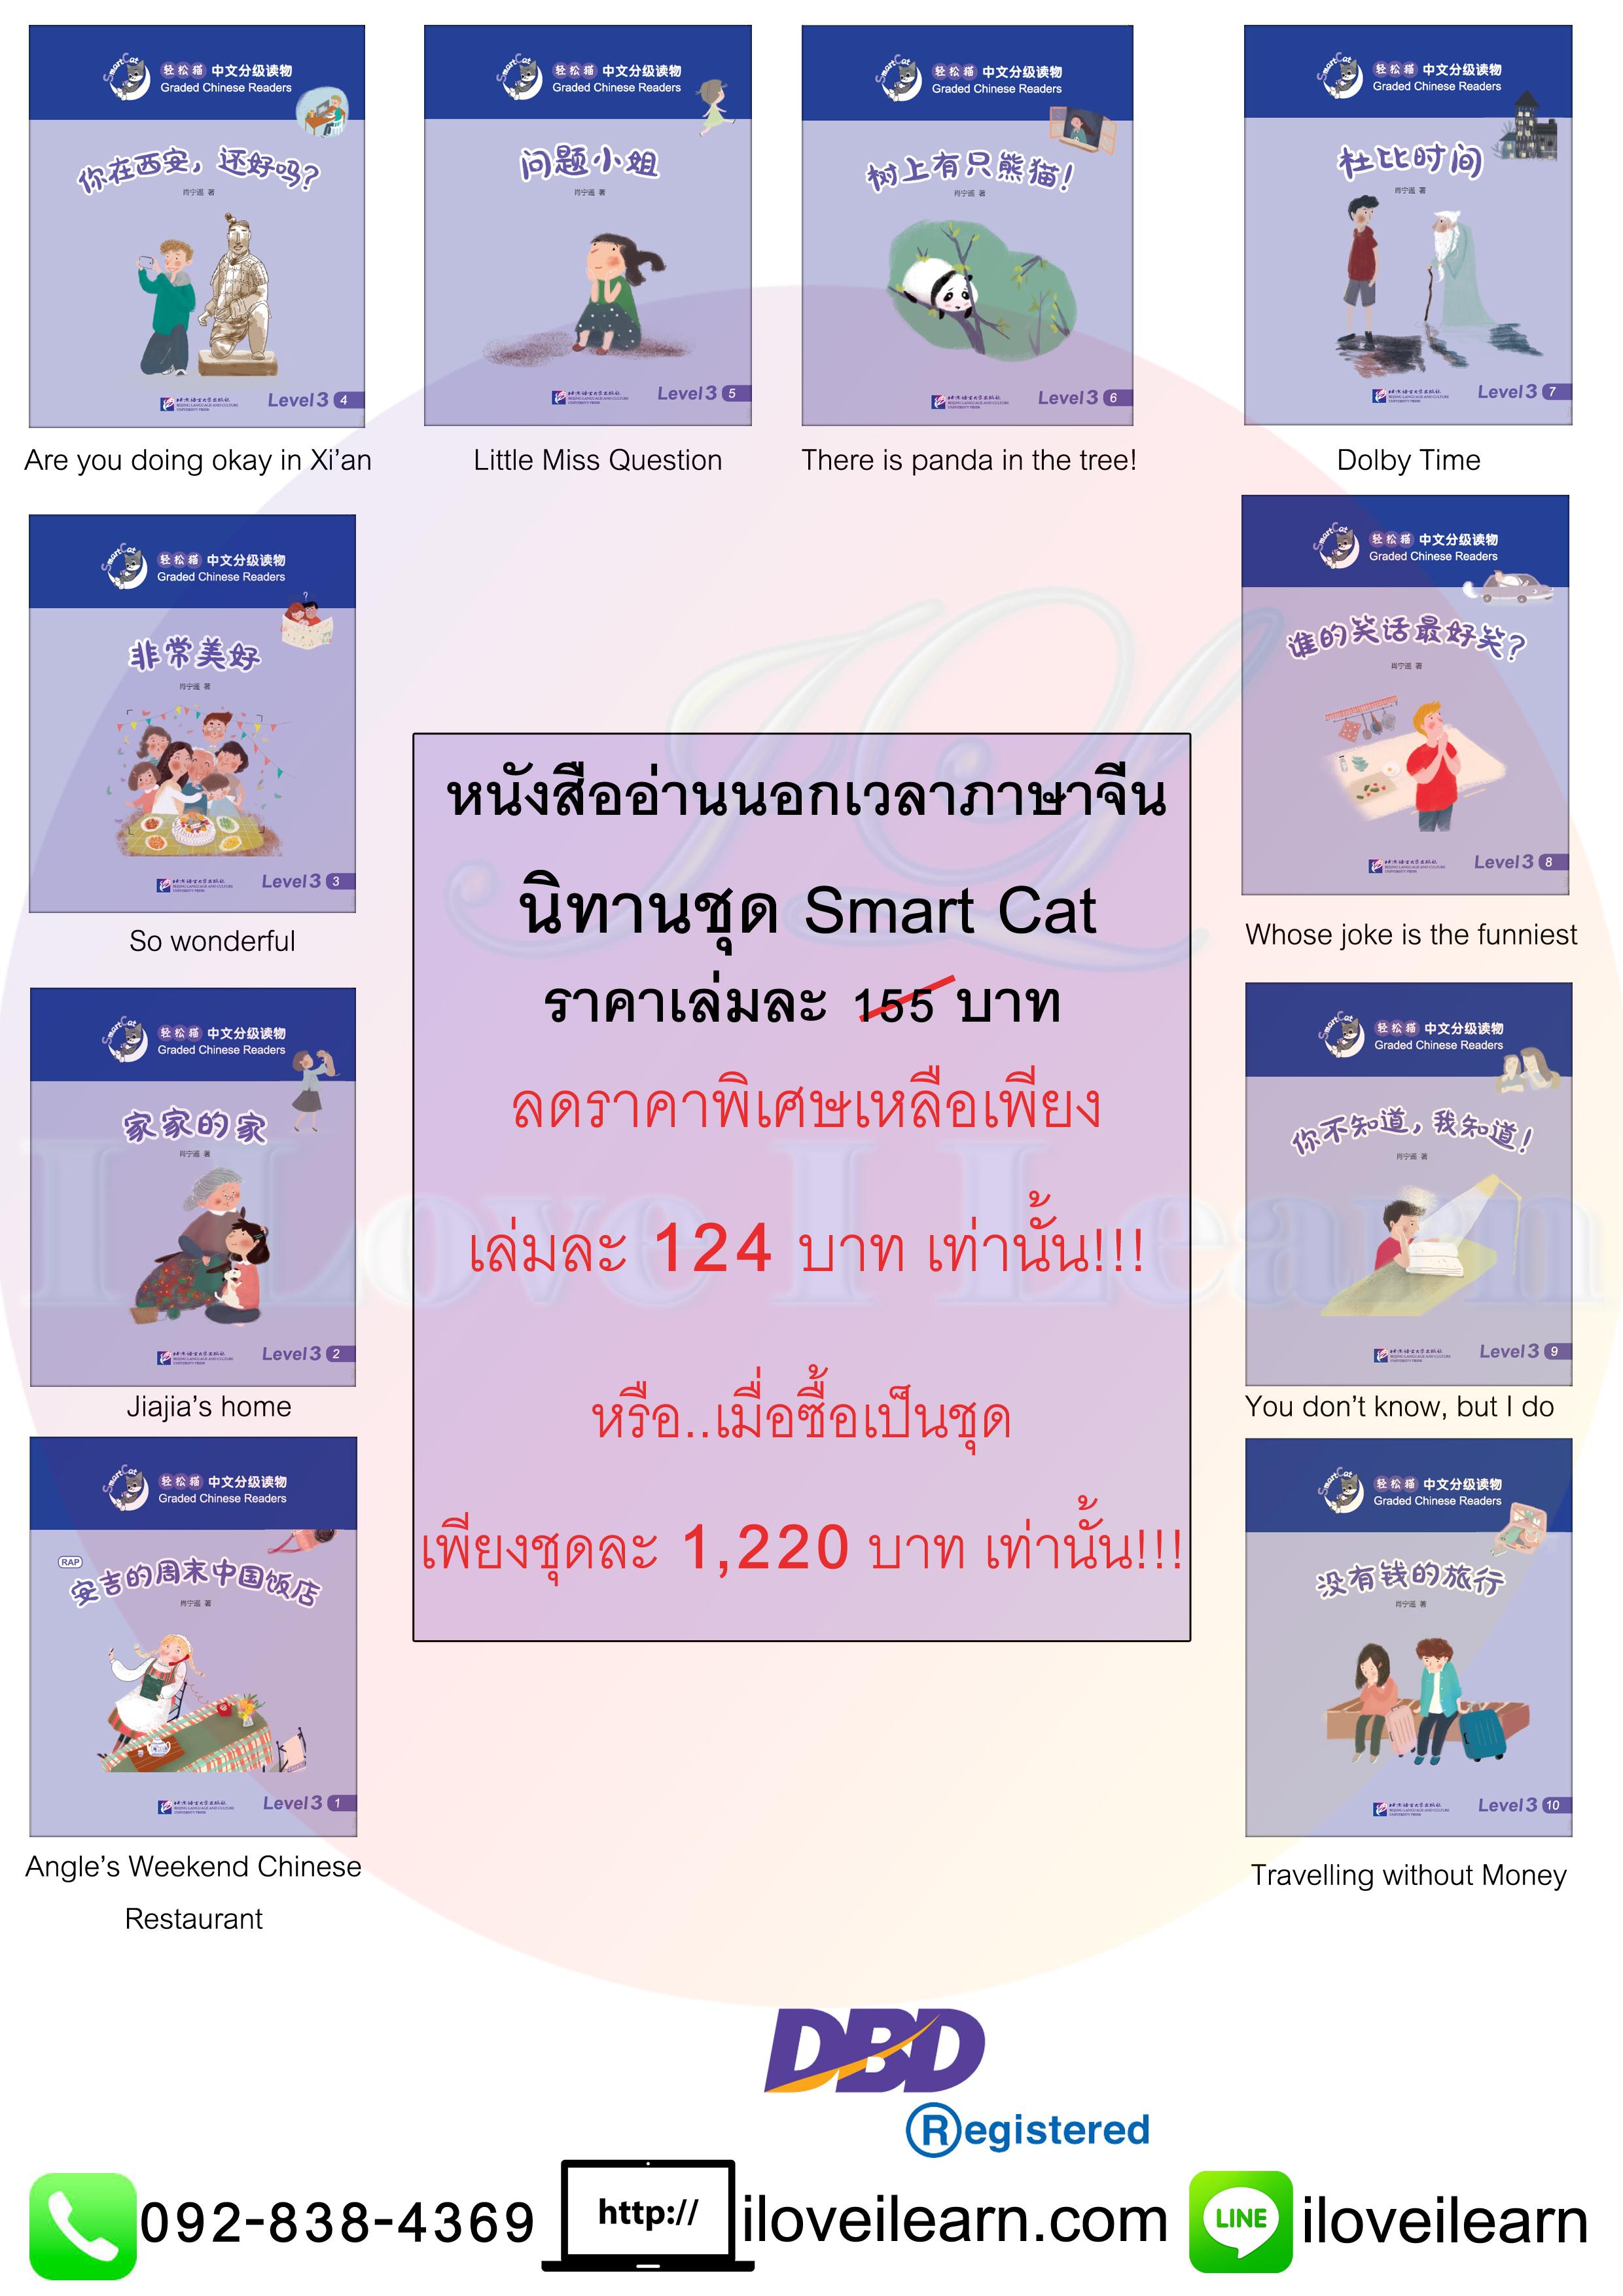 ชุดหนังสิออ่านนอกเวลาภาษาจีนเรื่อง Smart Cat ระดับ 3